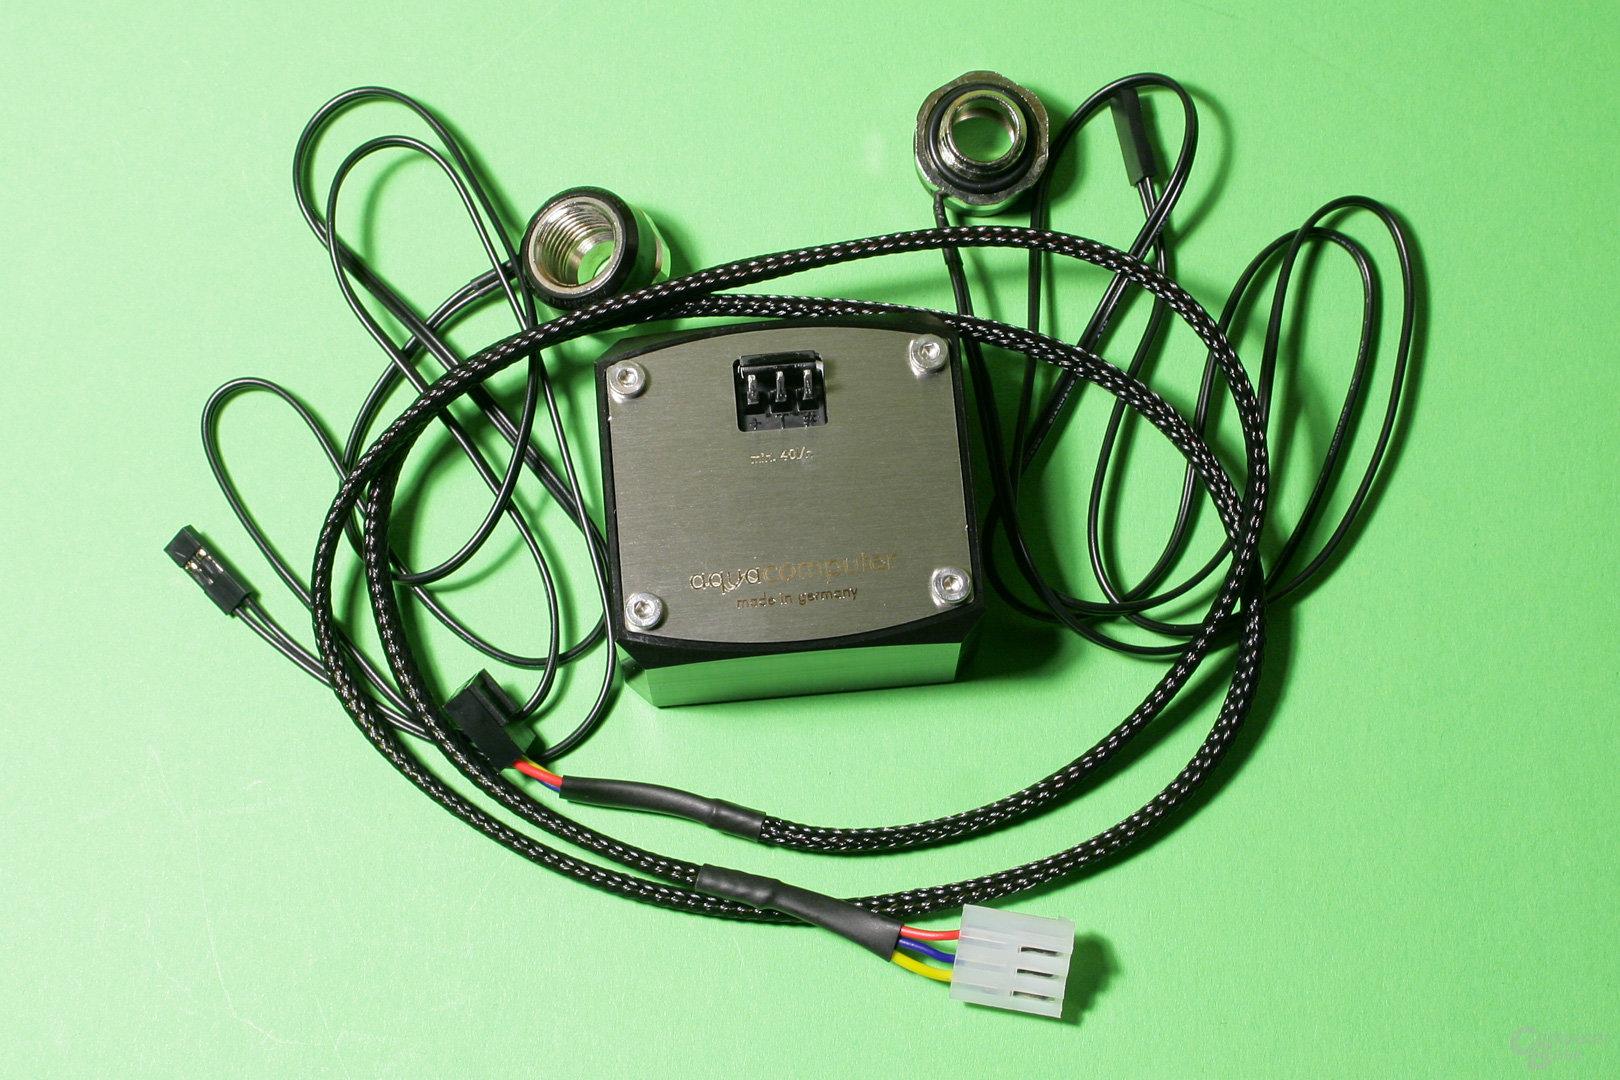 Durchflusssensor und Temperatursensoren von Aqua Computer